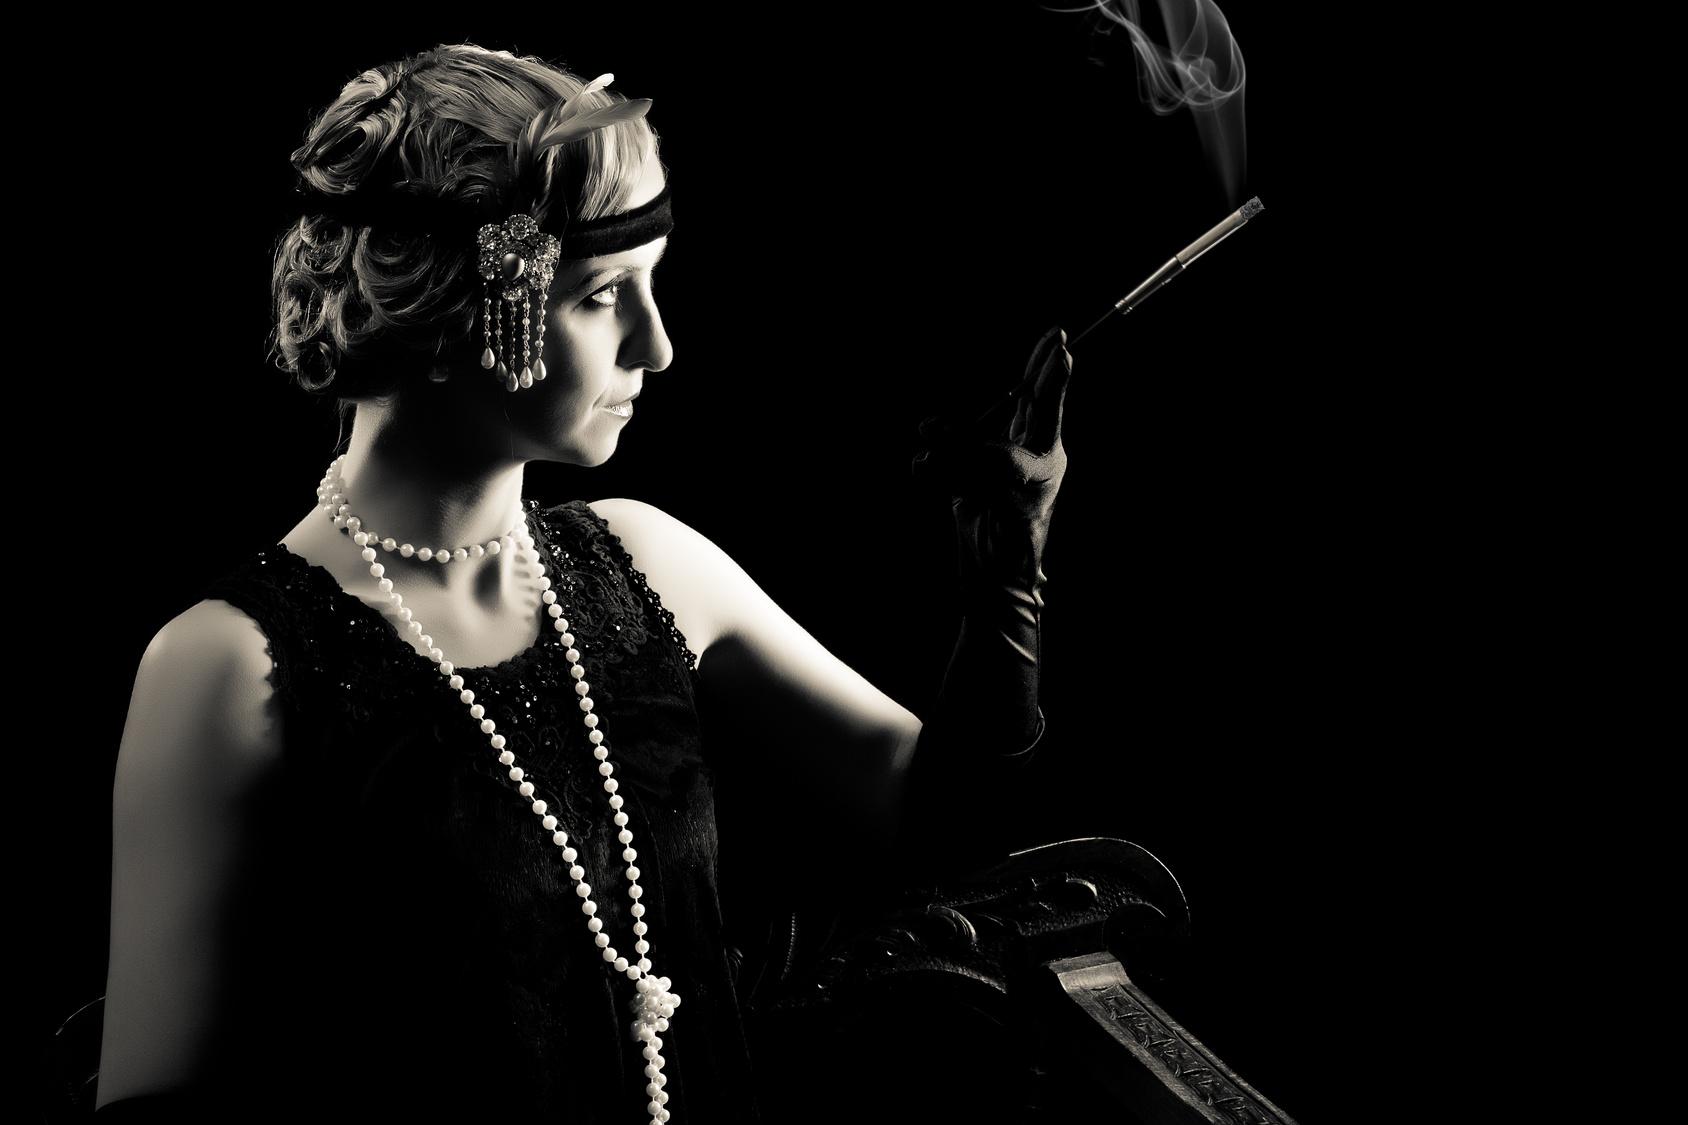 La mode des ann es 1920 les ann es folles mamz 39 elle swing - Mode annee 20 ...